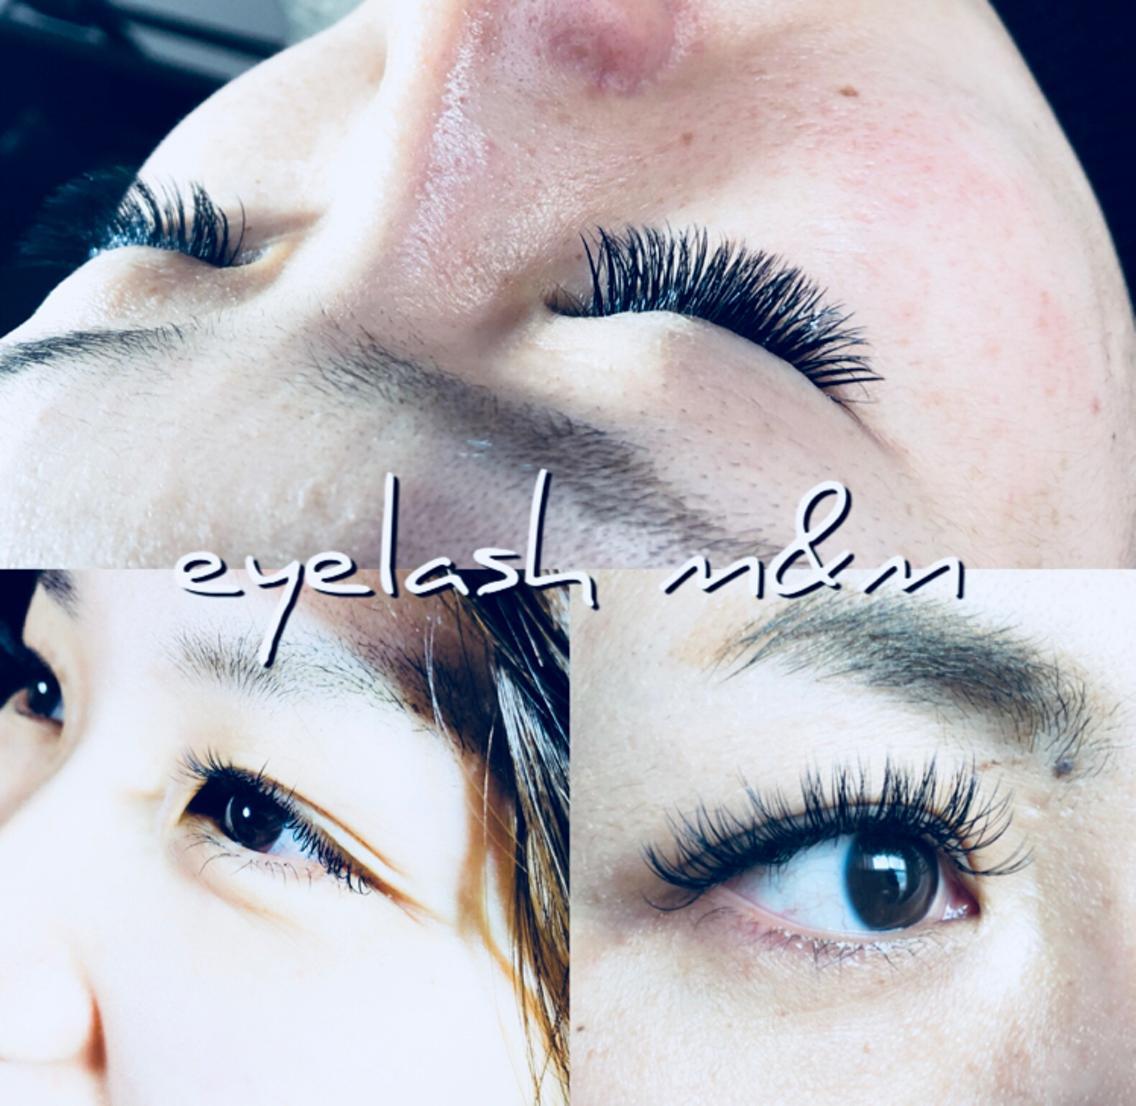 m&m所属・Eyelashm&mの掲載